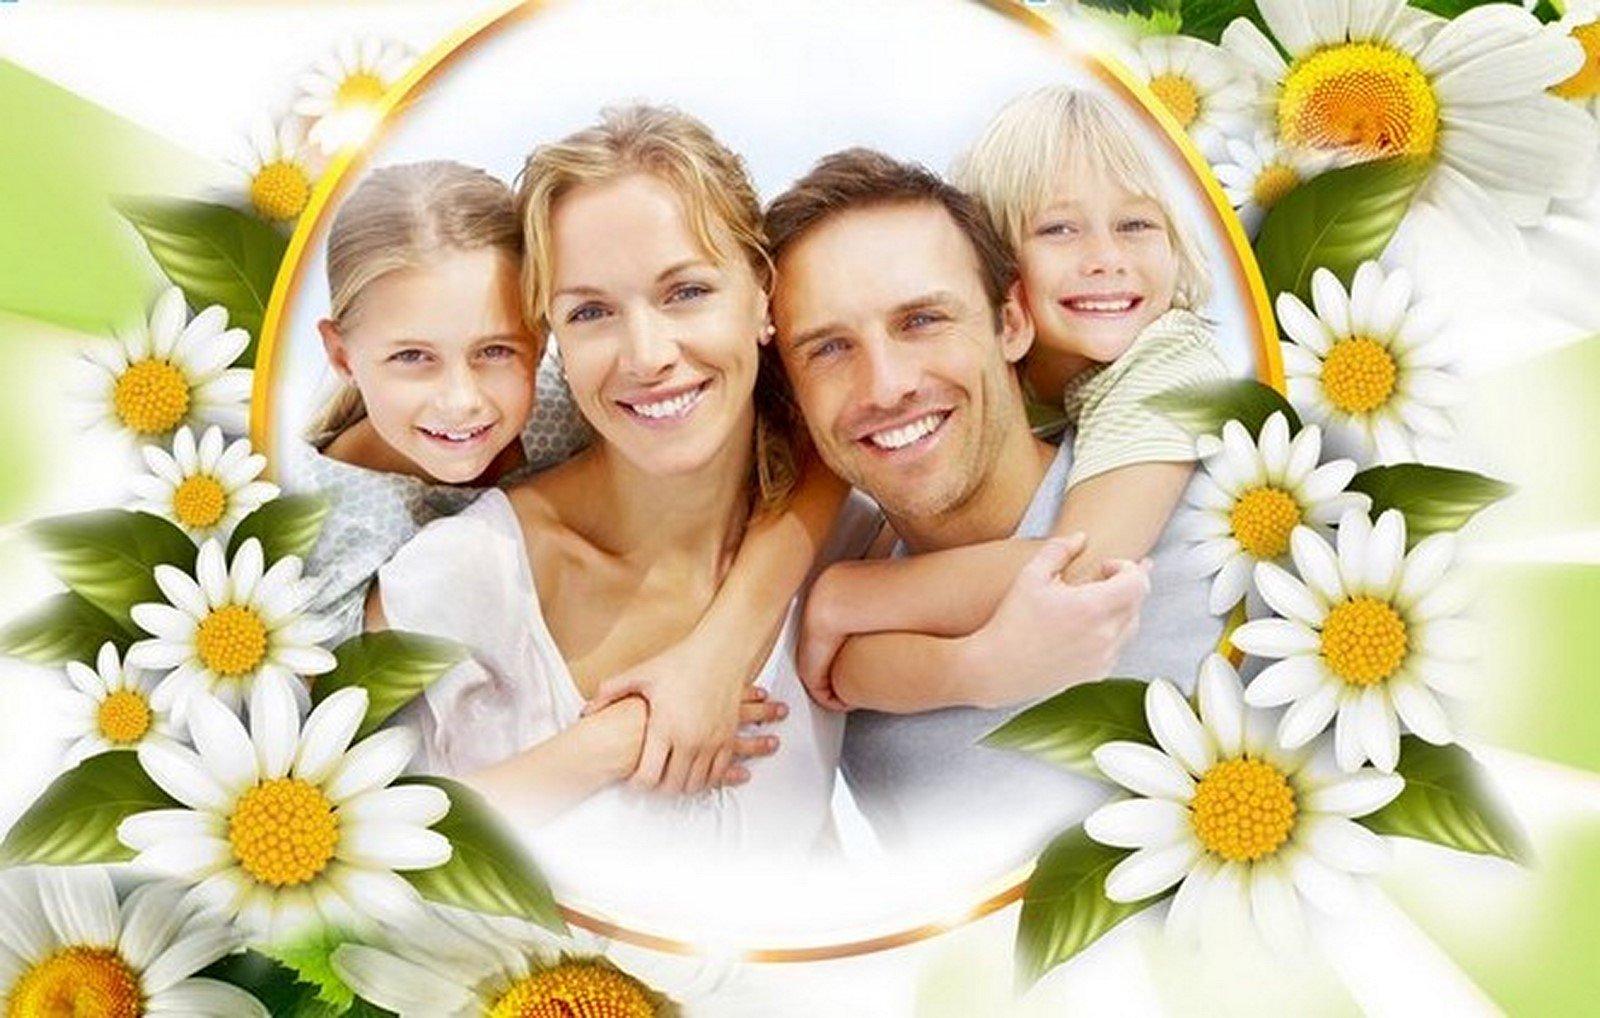 Международный день семей картинки